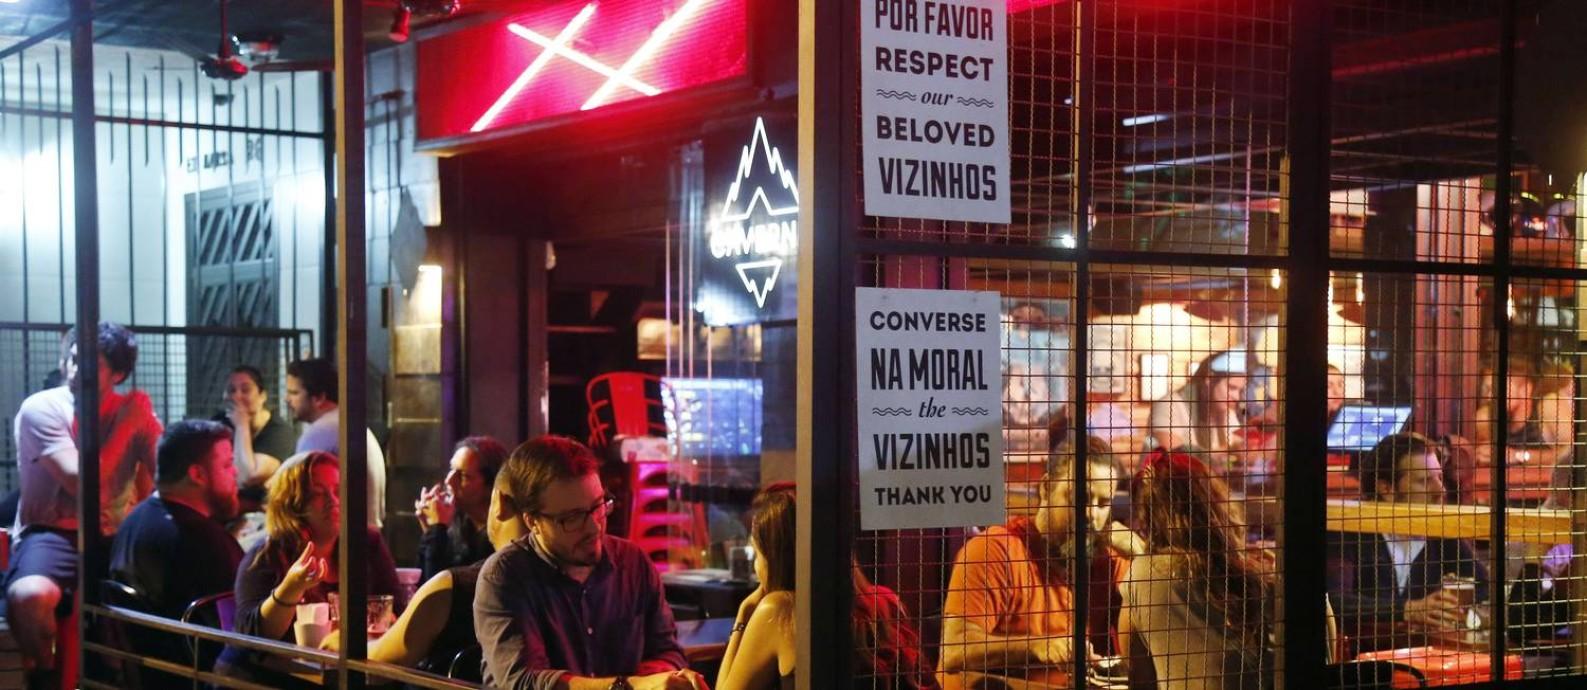 No bar Caverna, em Botafogo, o aviso para que os clientes respeitem os vizinhos Foto: Marcos de Paula / Agência O Globo